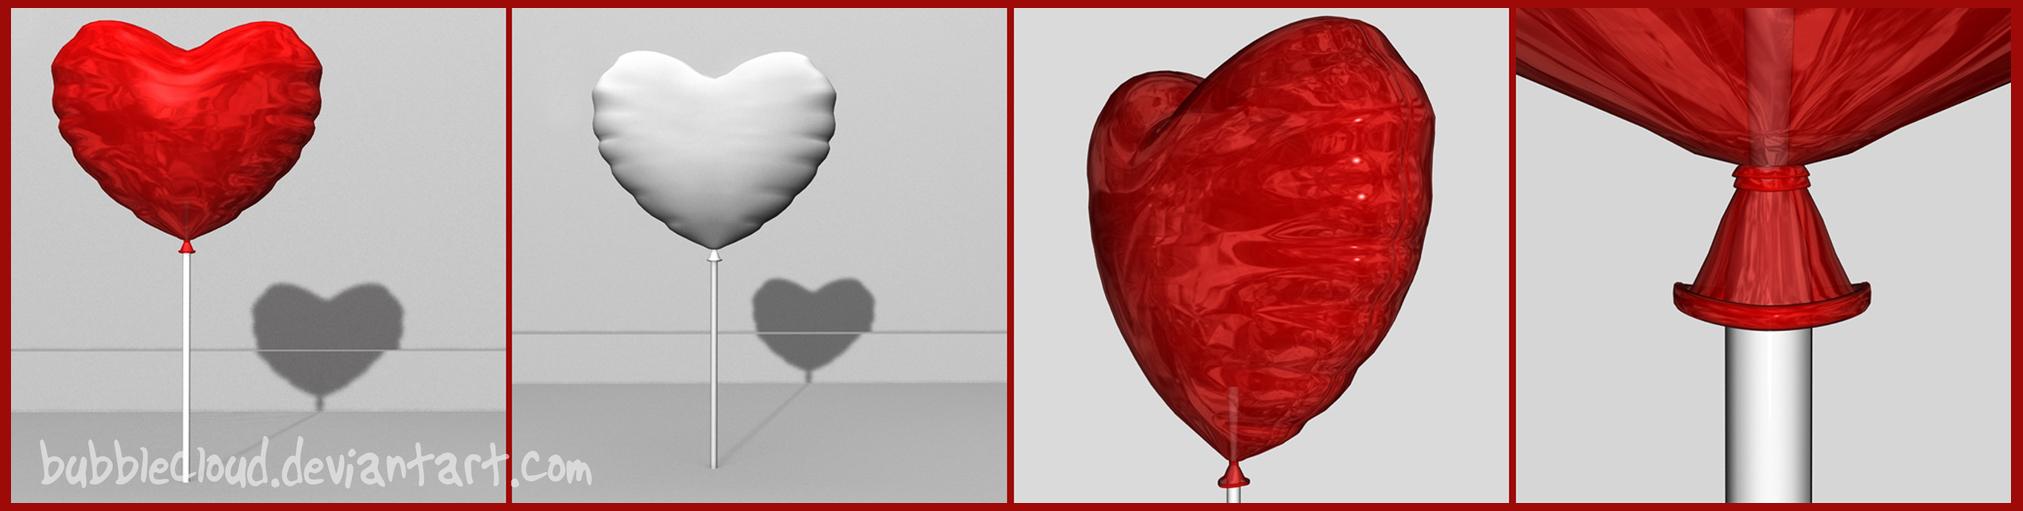 Heart Balloon Free 3D model by BubbleCloud